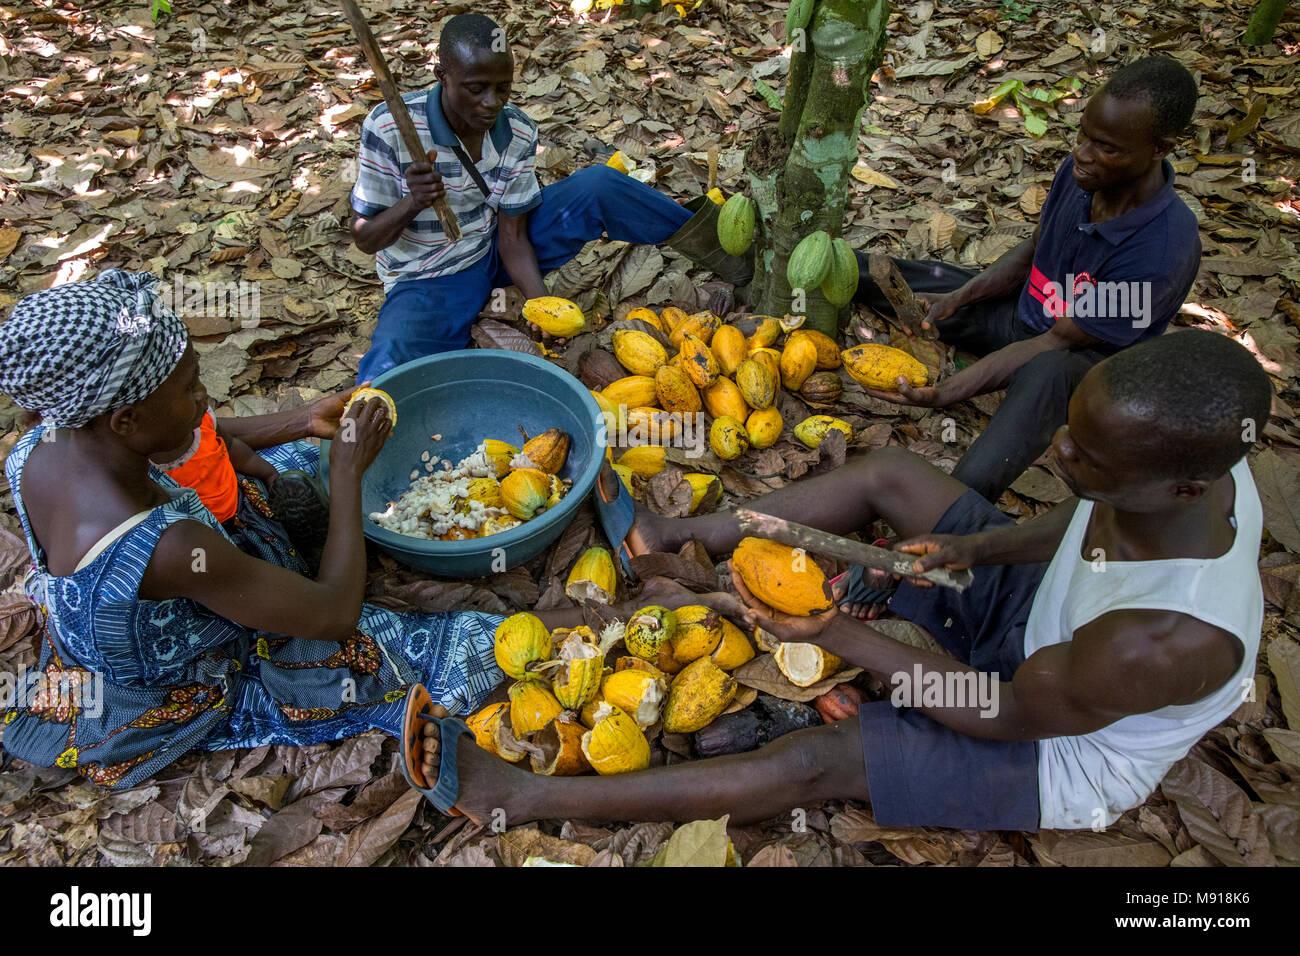 Costa de Marfil. Rompiendo los agricultores cosechan las mazorcas de cacao. Imagen De Stock